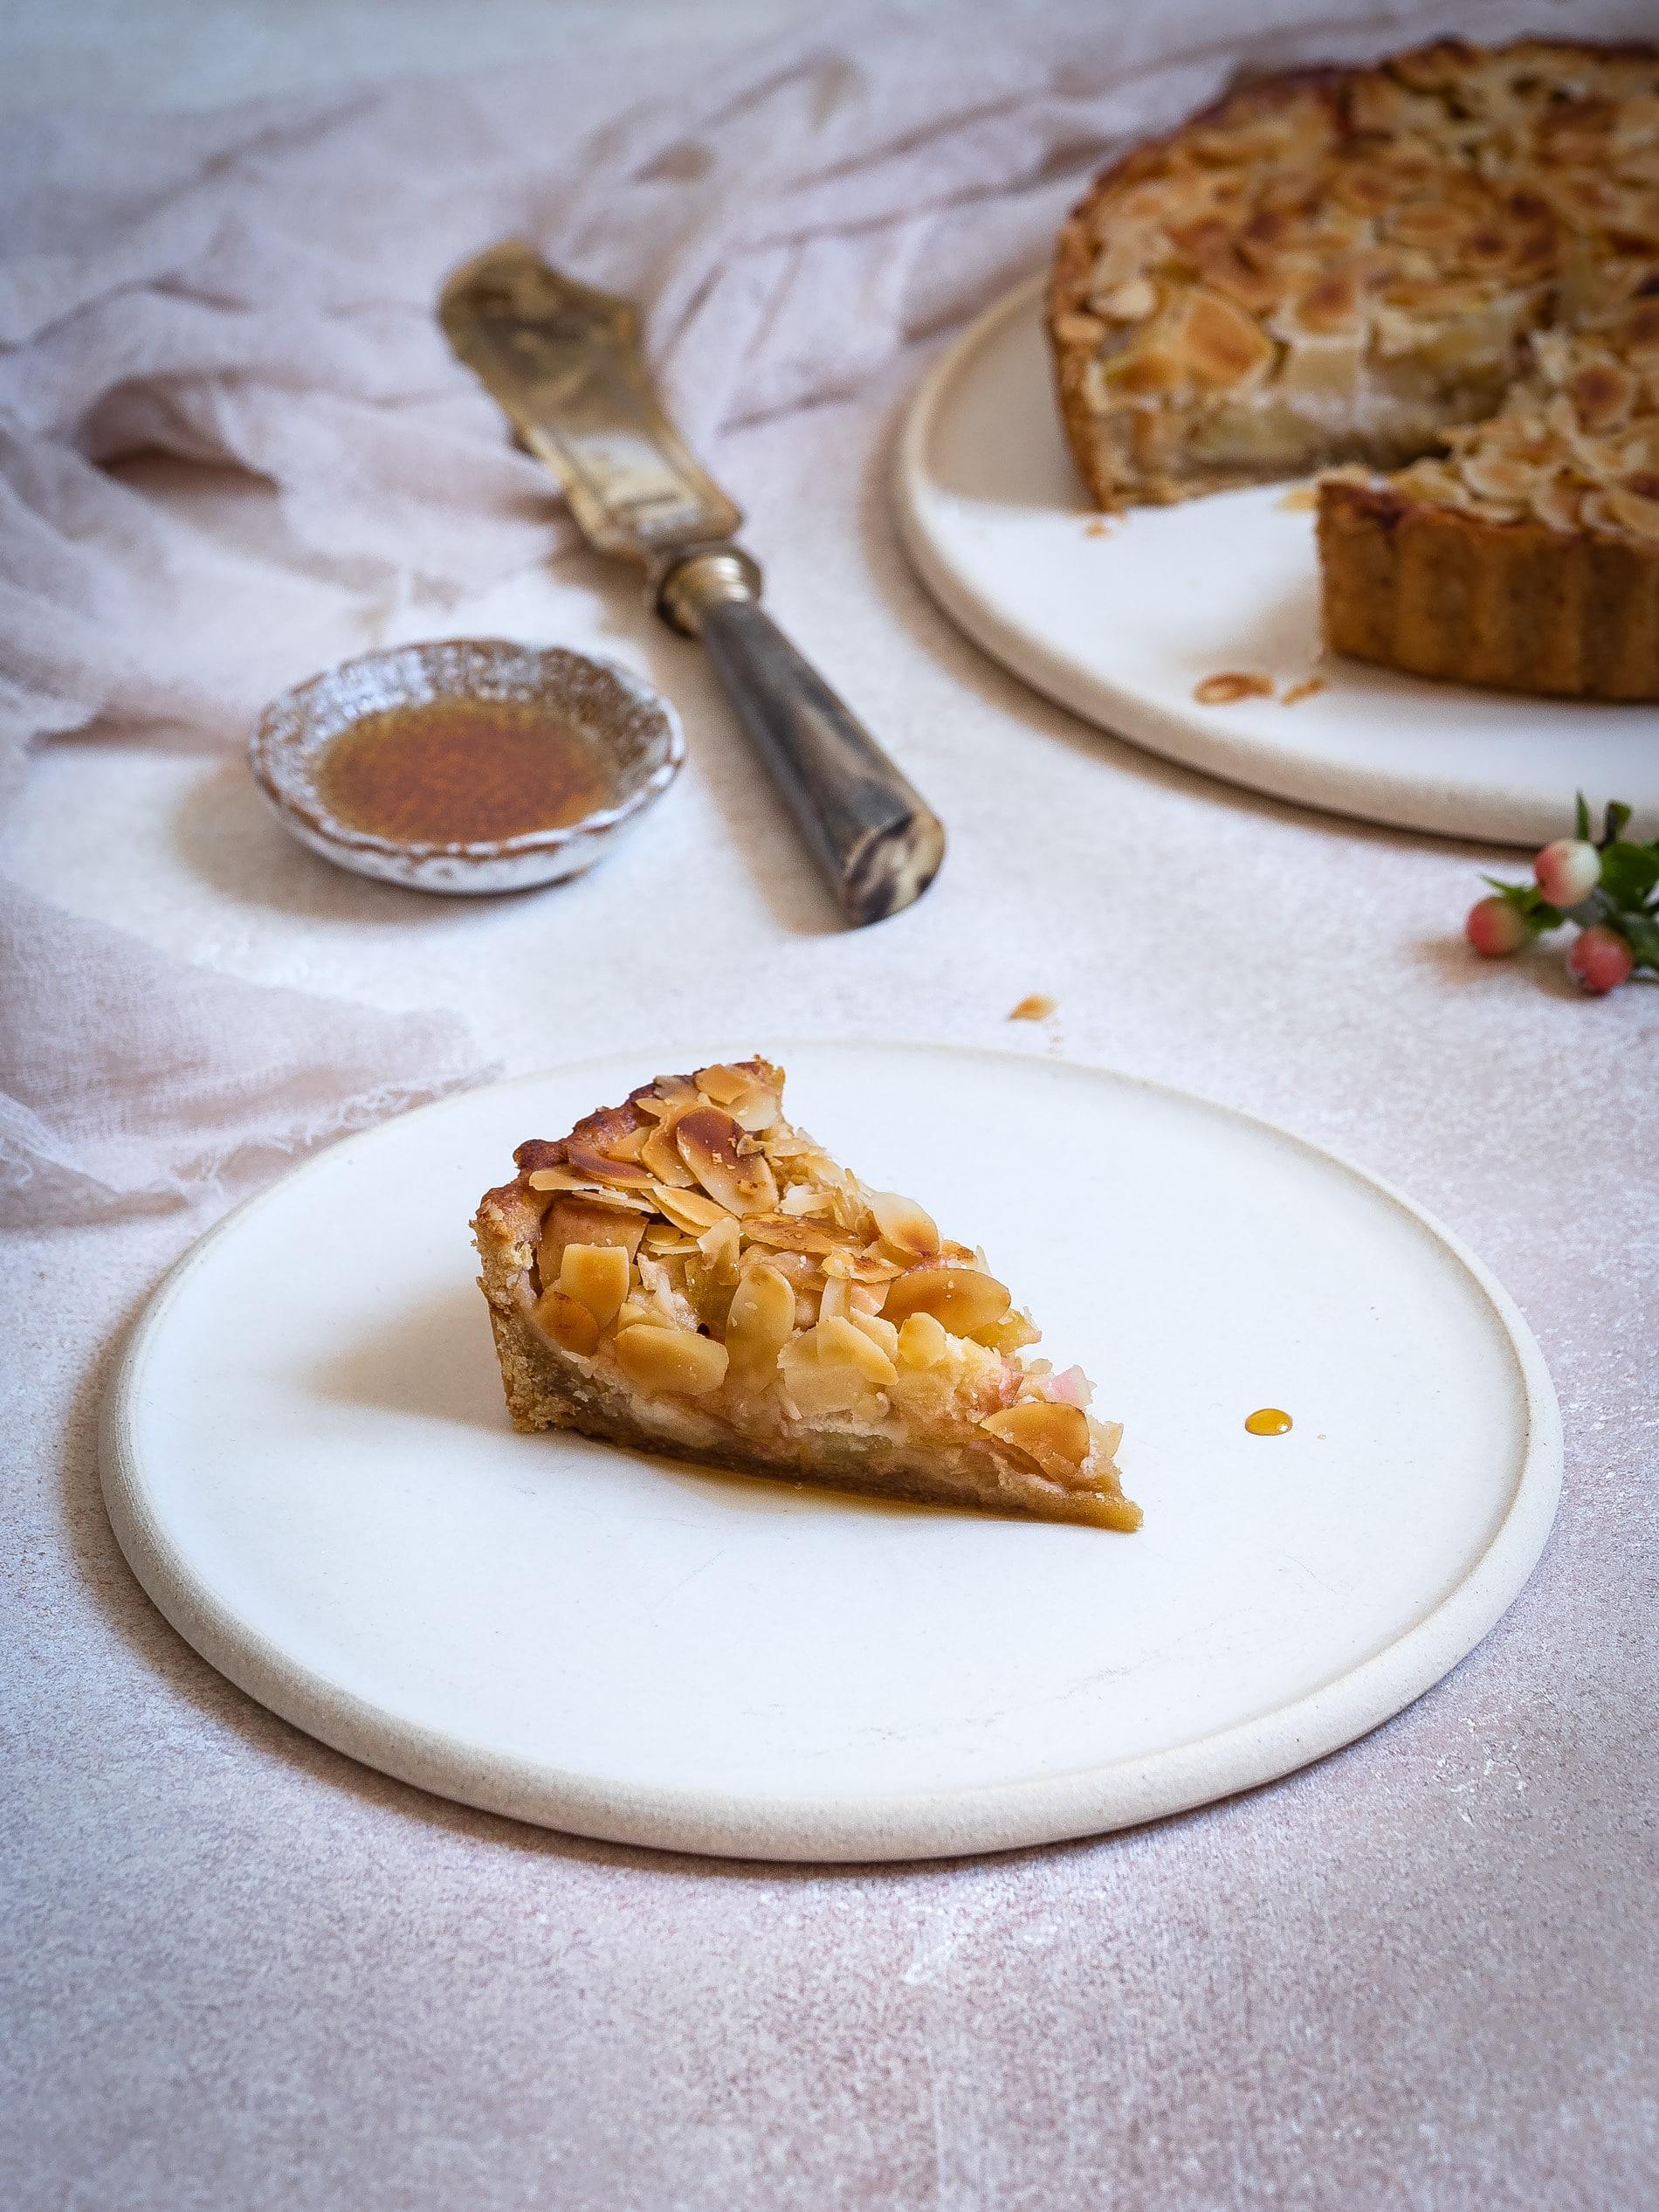 Apfelkuchen Rezept. Einfach, saftig und mit Mandeln. Schneller Apfelkuchen. Vegan, Gesund, mit Zimt. @happymoodfood